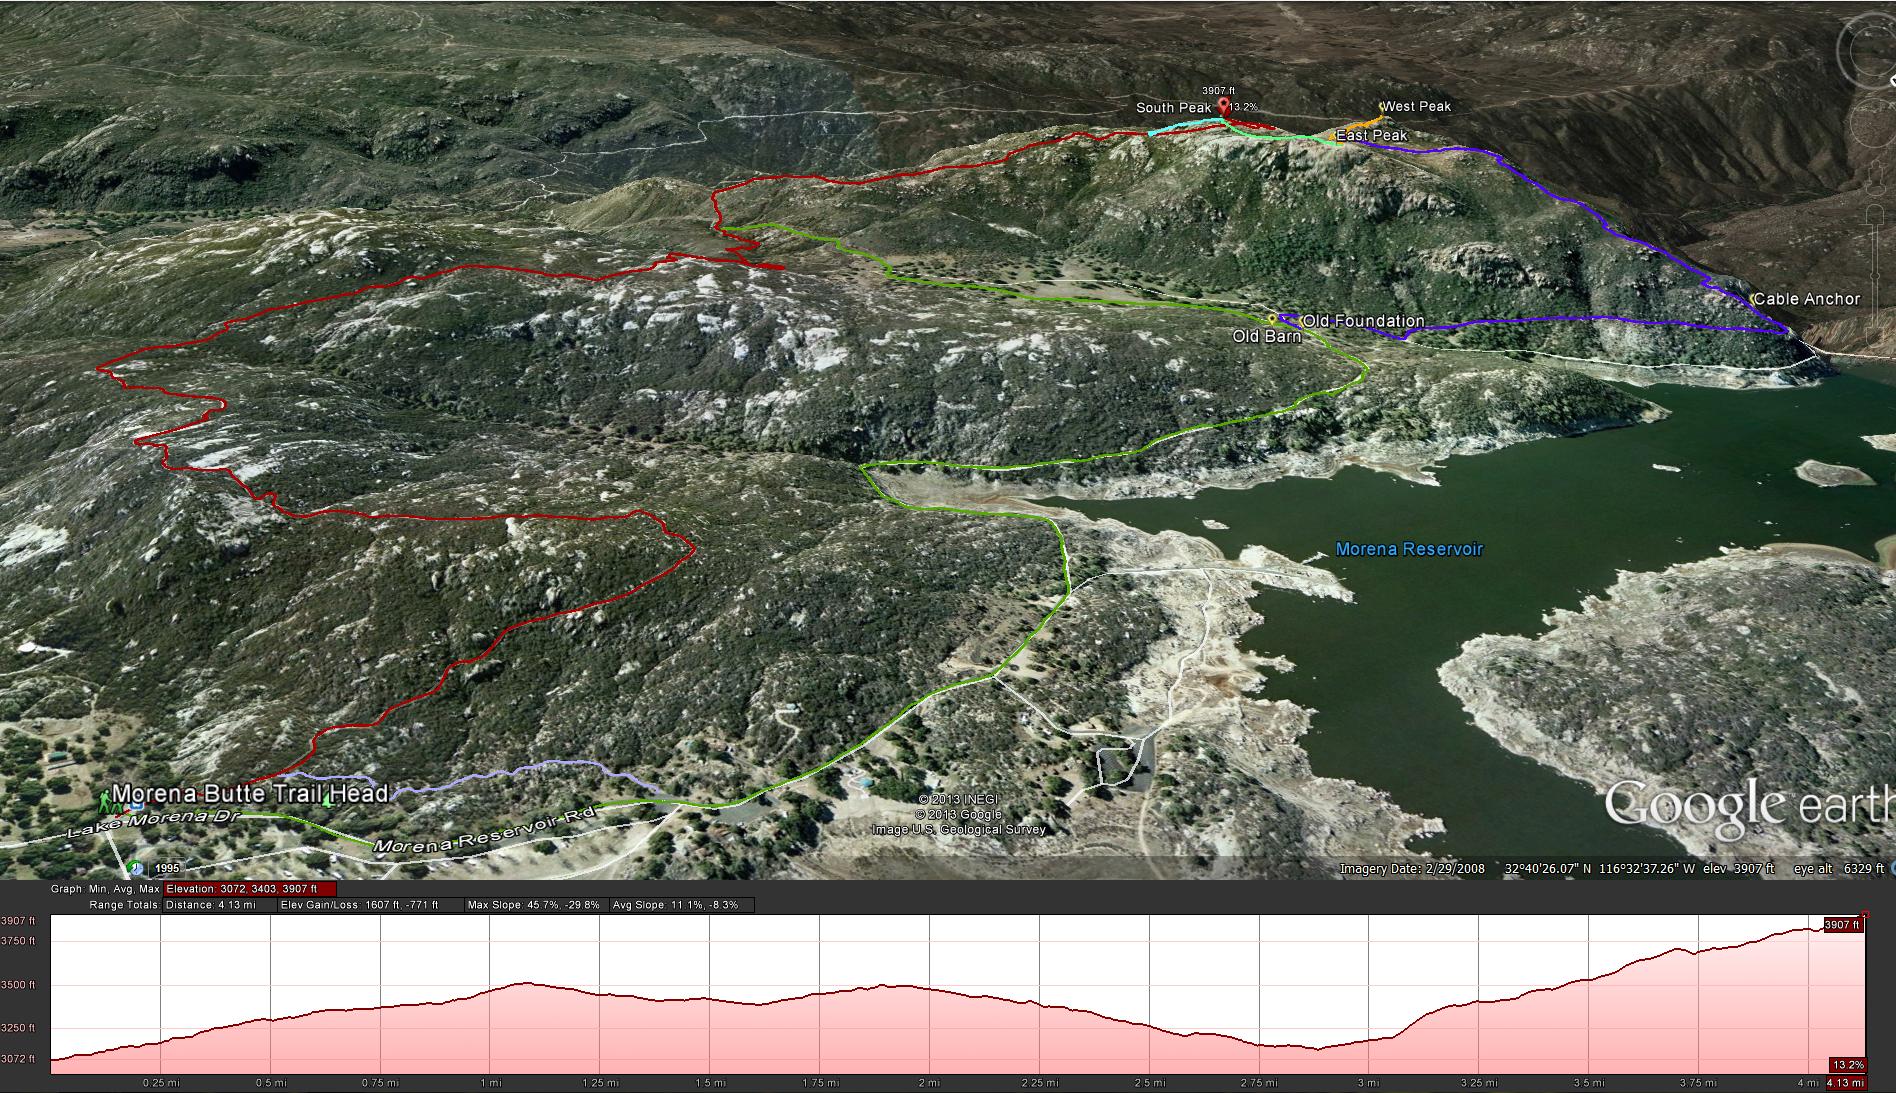 Morena Butte Trail